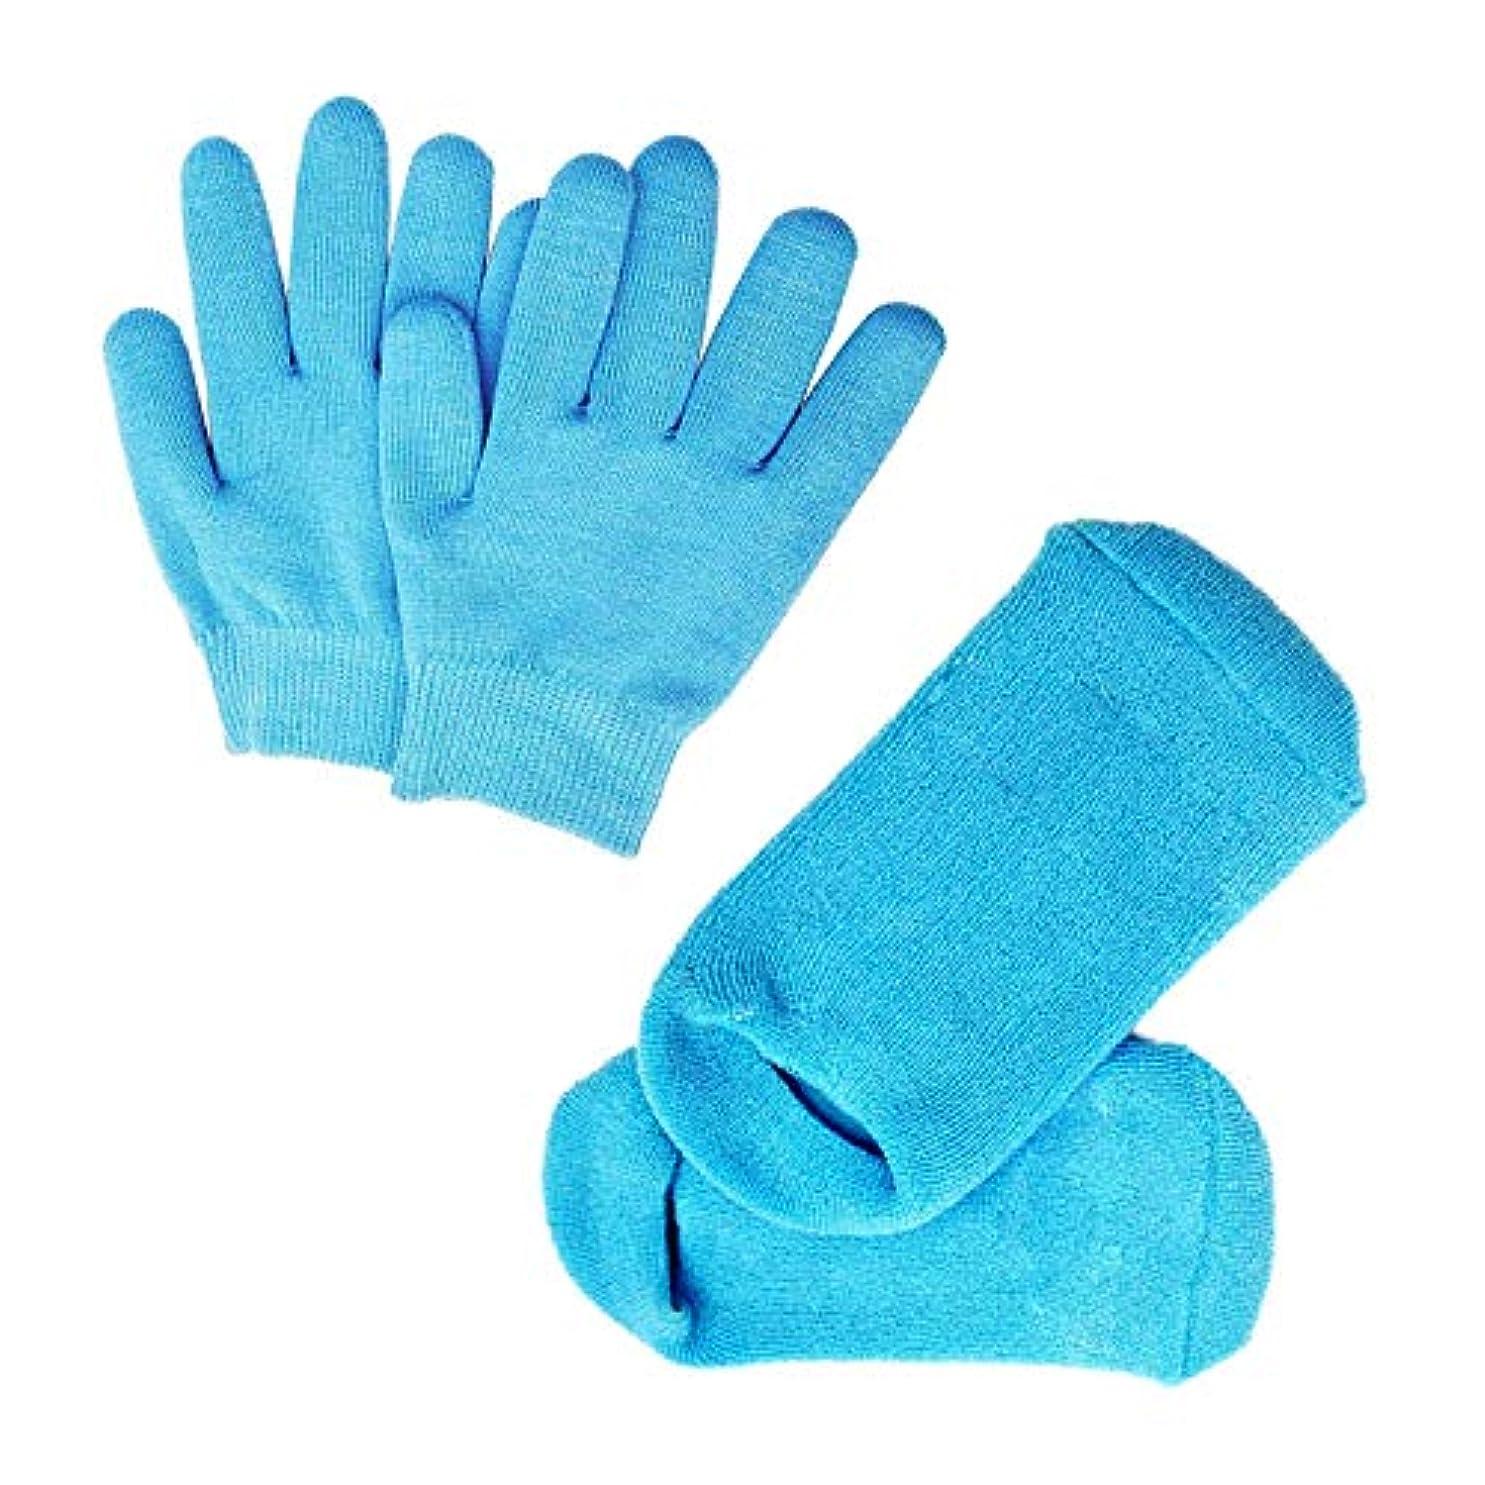 高度な農業悔い改めPinkiou 眠る森のSPAジェルグローブ/SPAジェルソックス ハンドケアグローブ/フットケアソックス 角質取り 保湿 かかとケア オープントゥ 素肌美人 靴下と手袋 一セット スバ いいお肌になりましょう(ブルー)